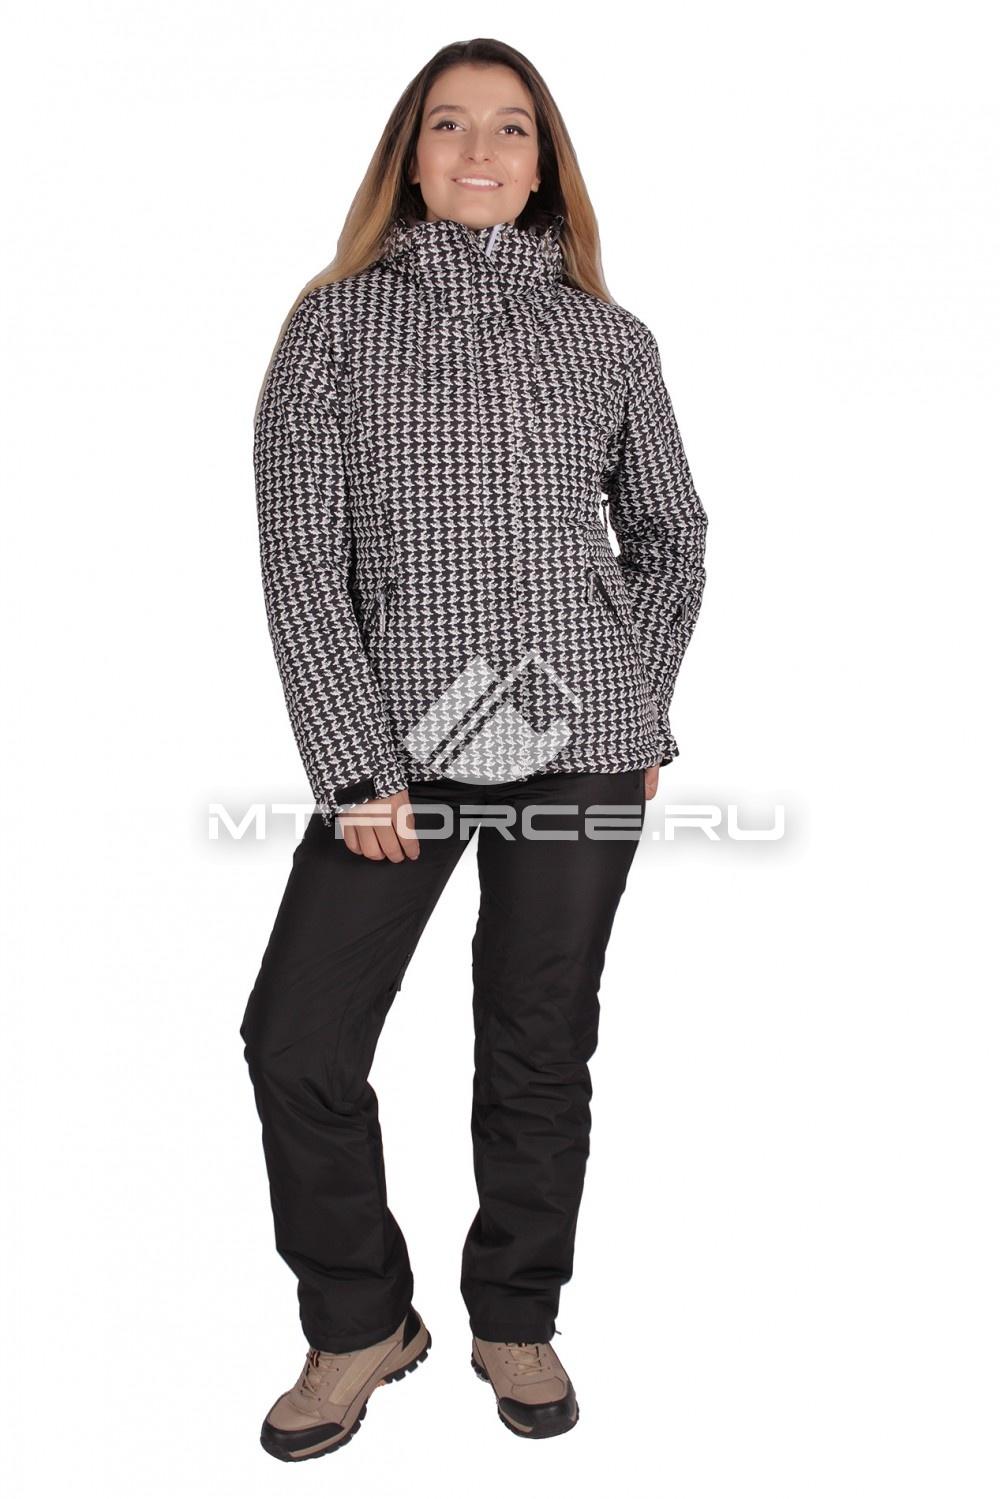 Купить                                  оптом Костюм горнолыжный женский черного цвета 01631Ch